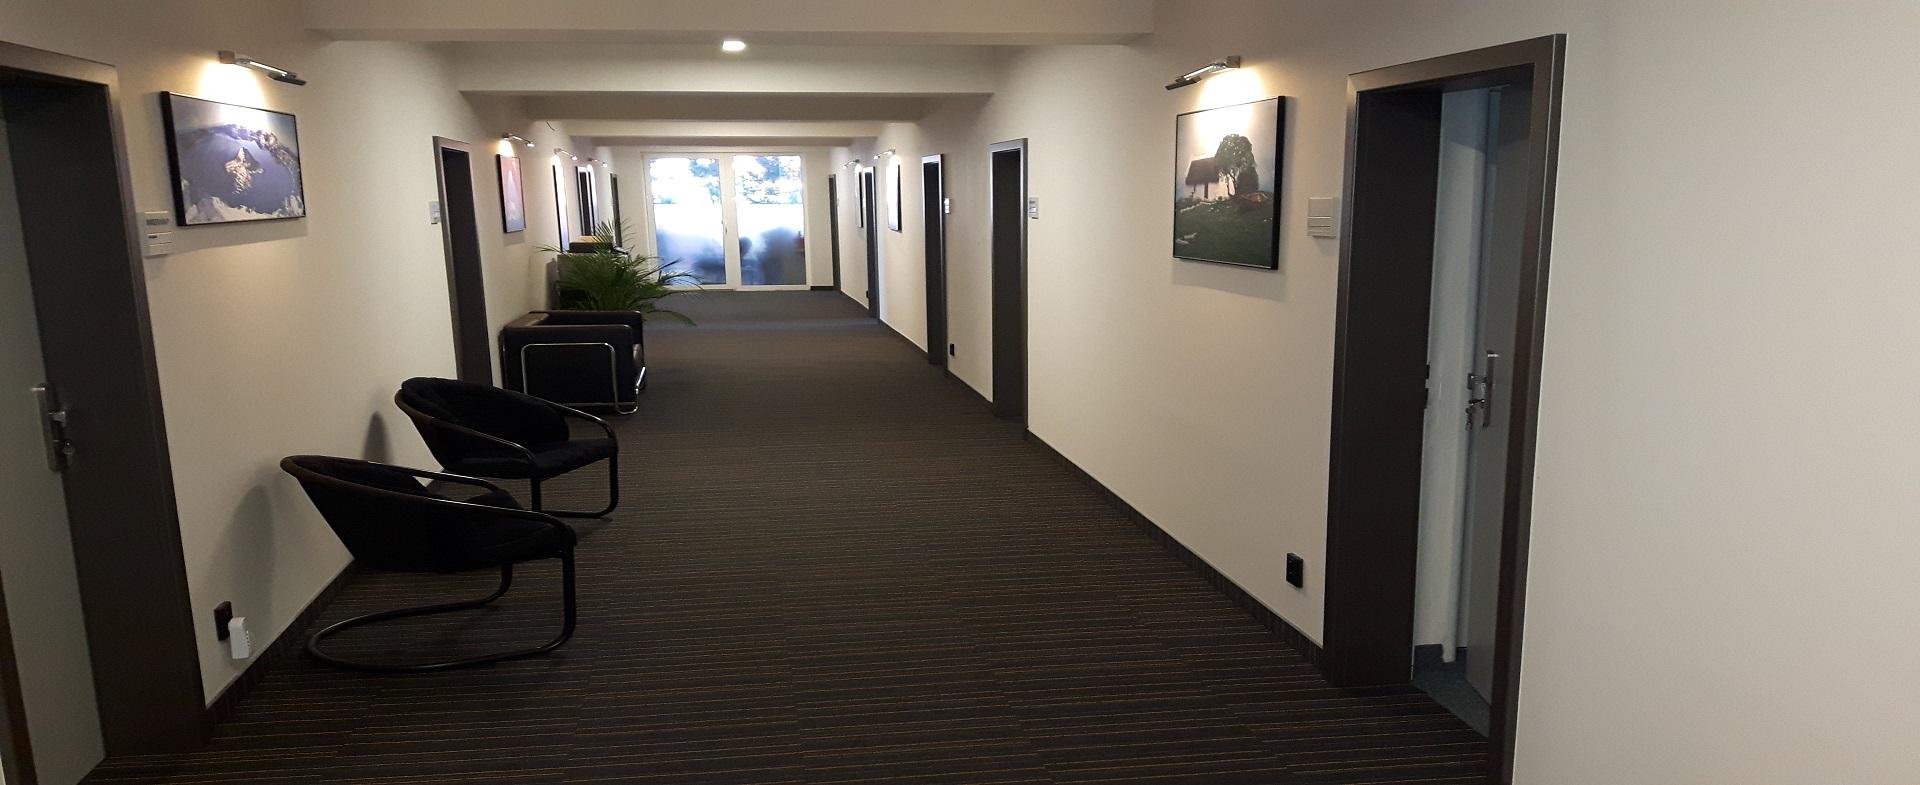 Interiérové dveře, podlahové krytiny, skleněné stěny.